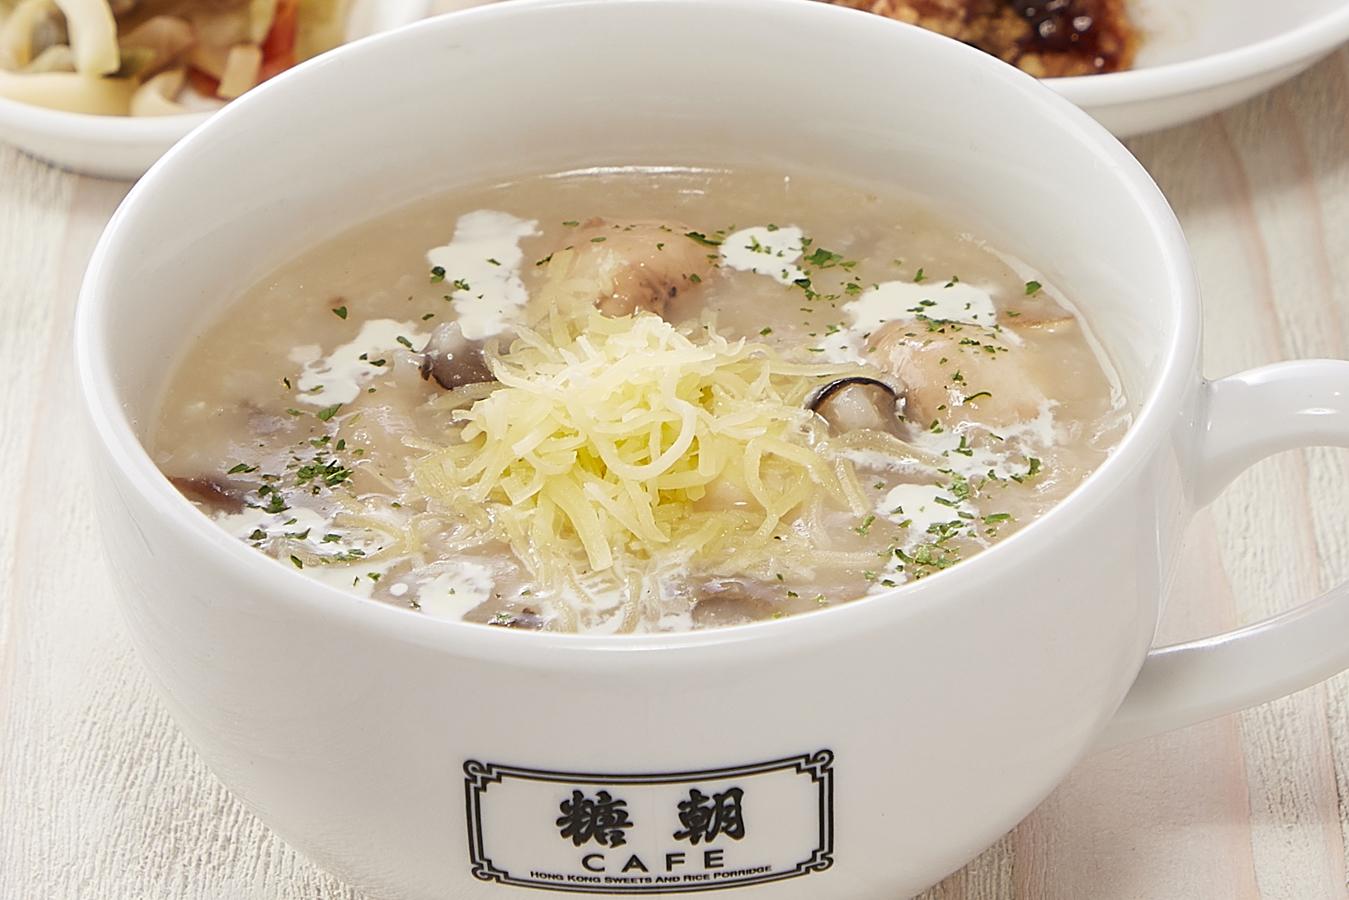 季節のおすすめメニュー「ポルチーニ茸香るきのことチーズ粥」を9月に販売開始いたします。